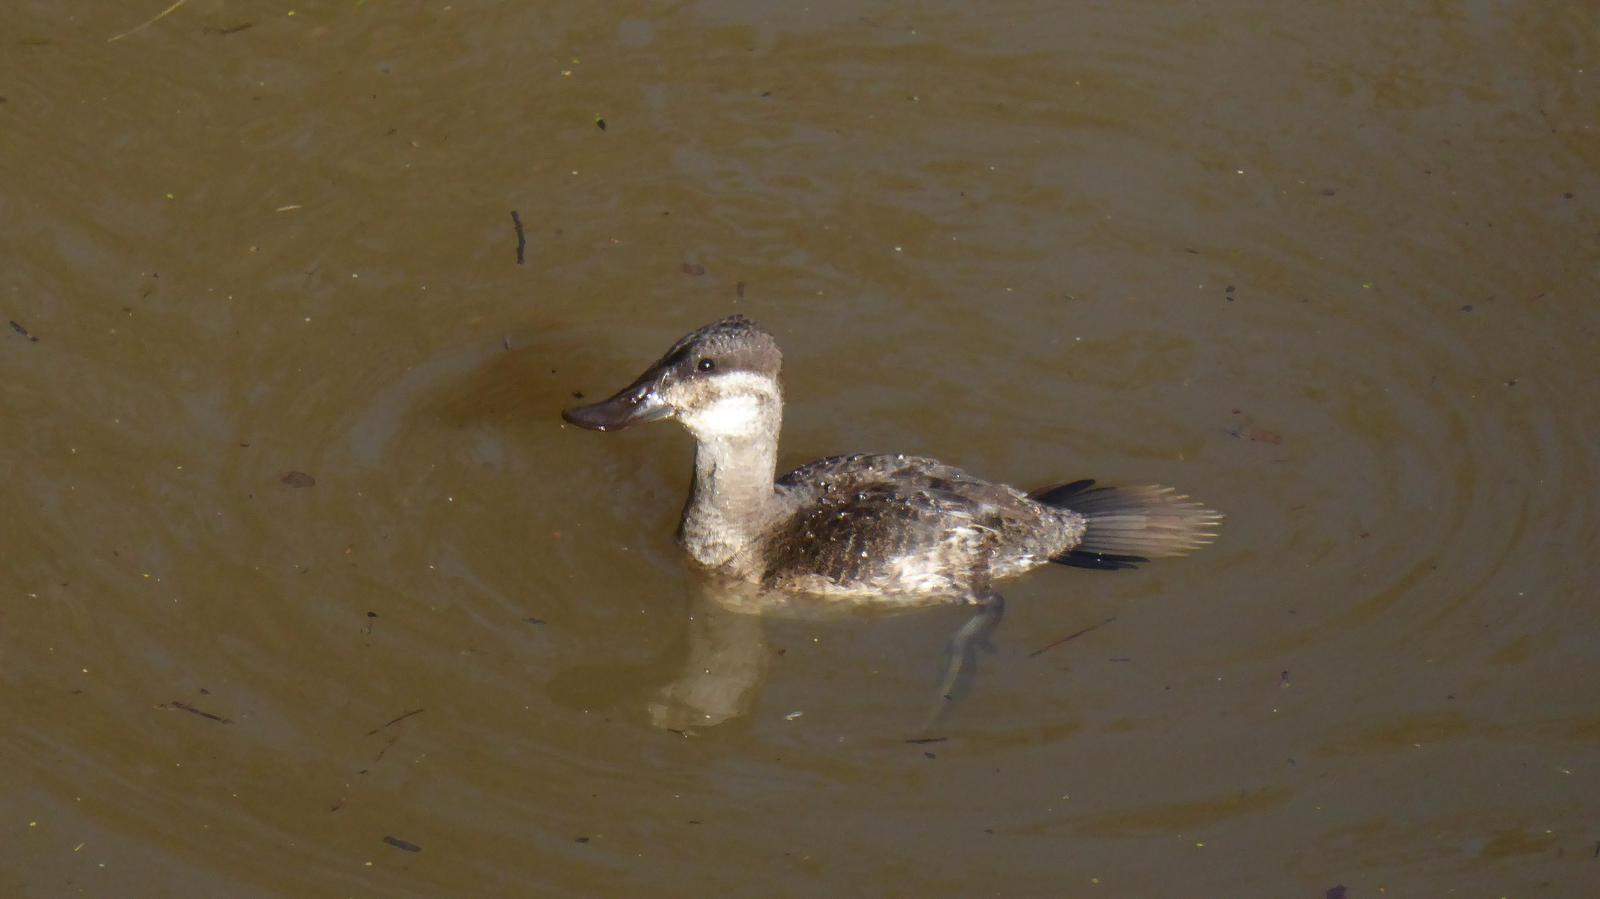 Ruddy Duck Photo by Daliel Leite